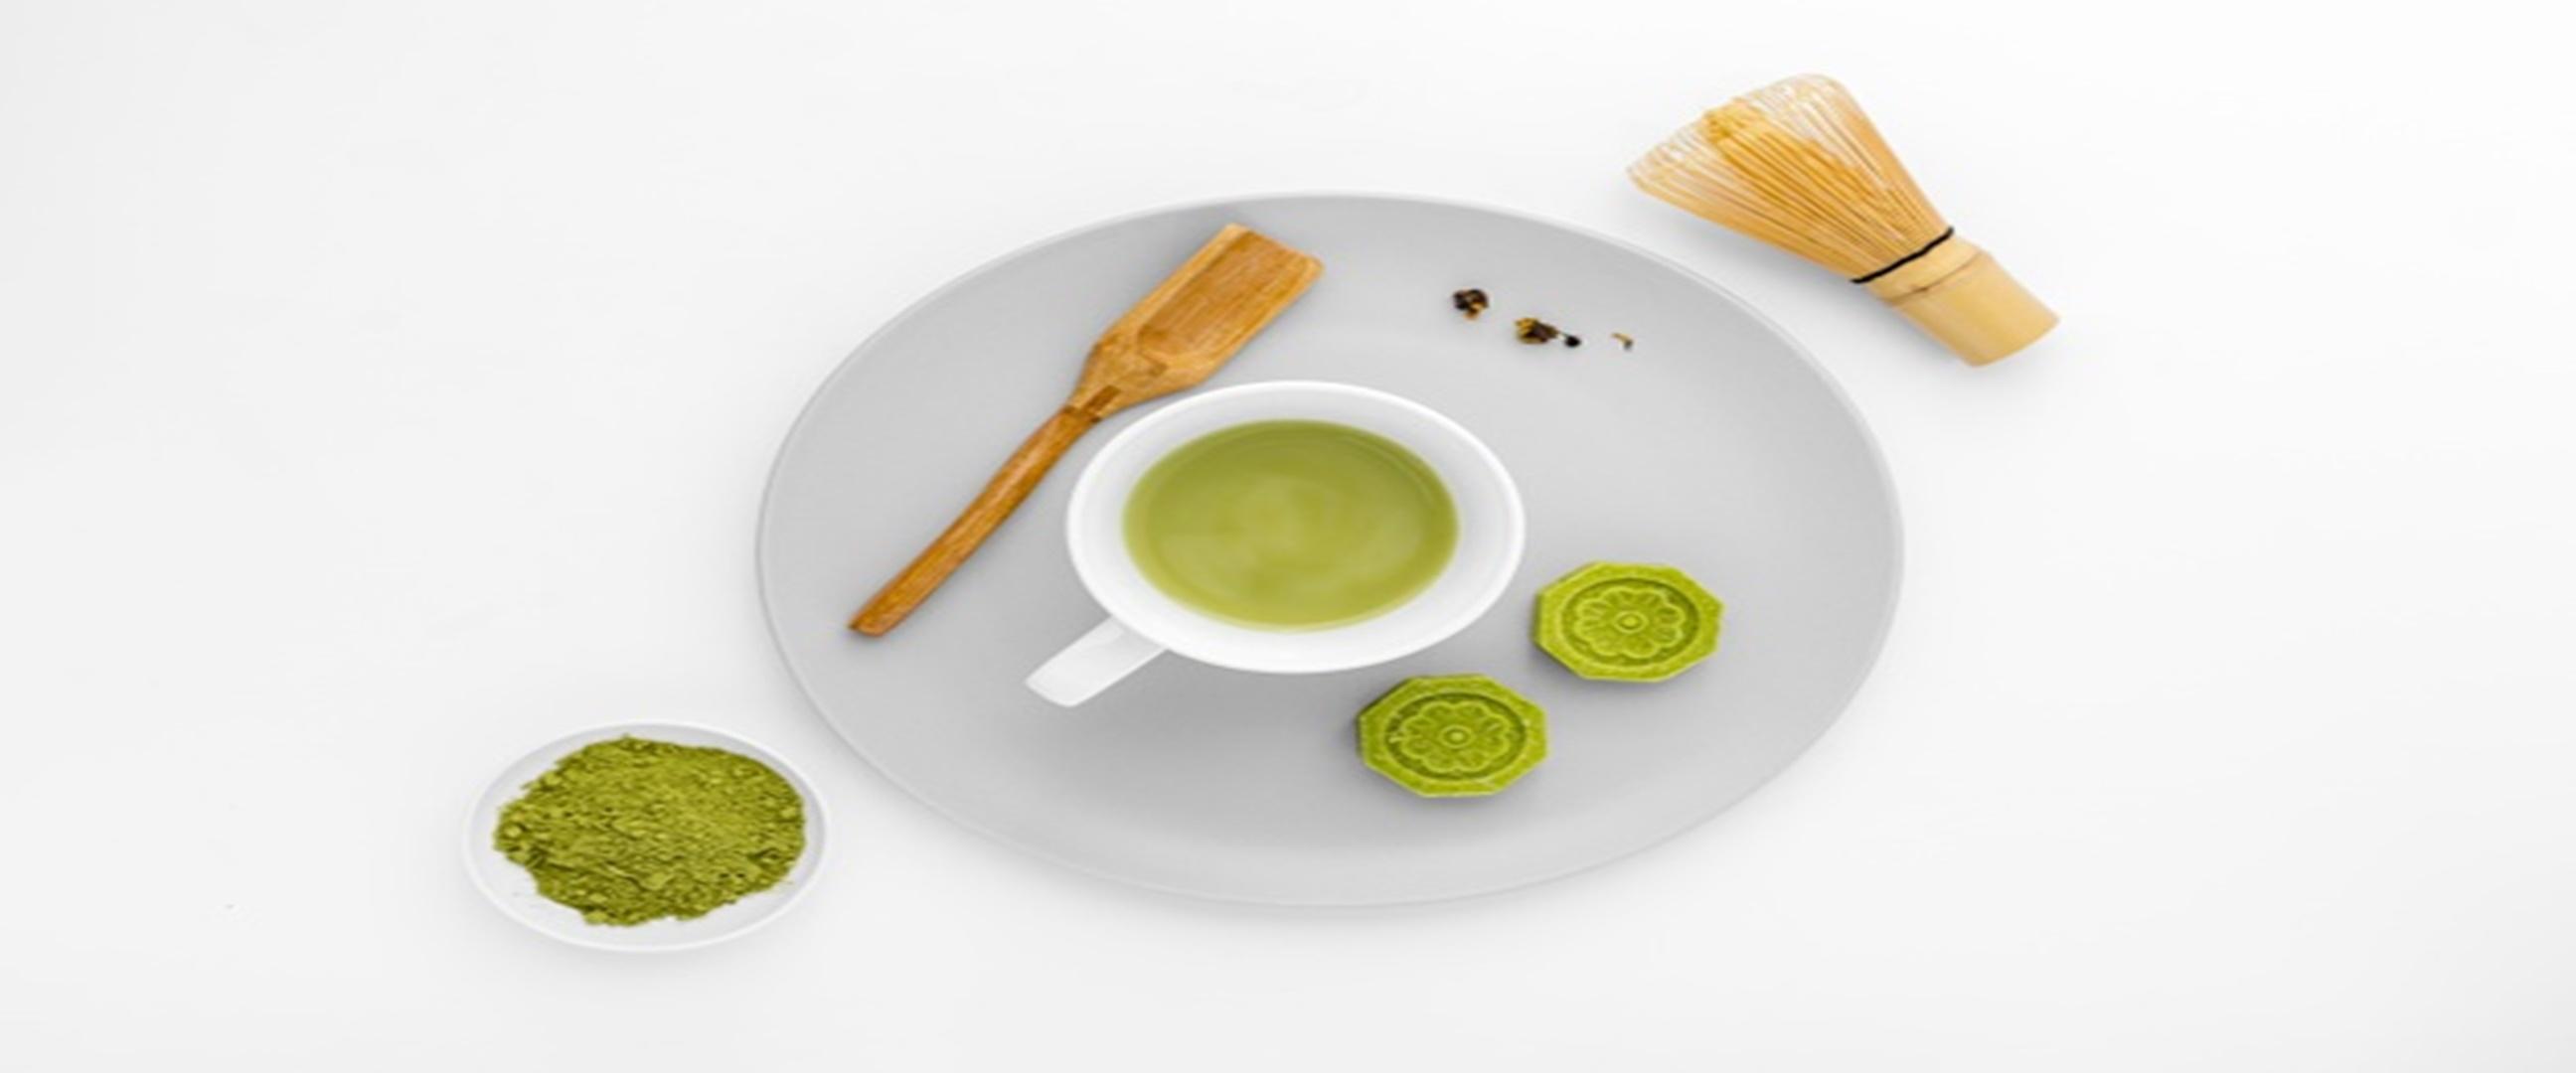 10 Manfaat teh hijau untuk kesehatan, bisa turunkan kolesterol